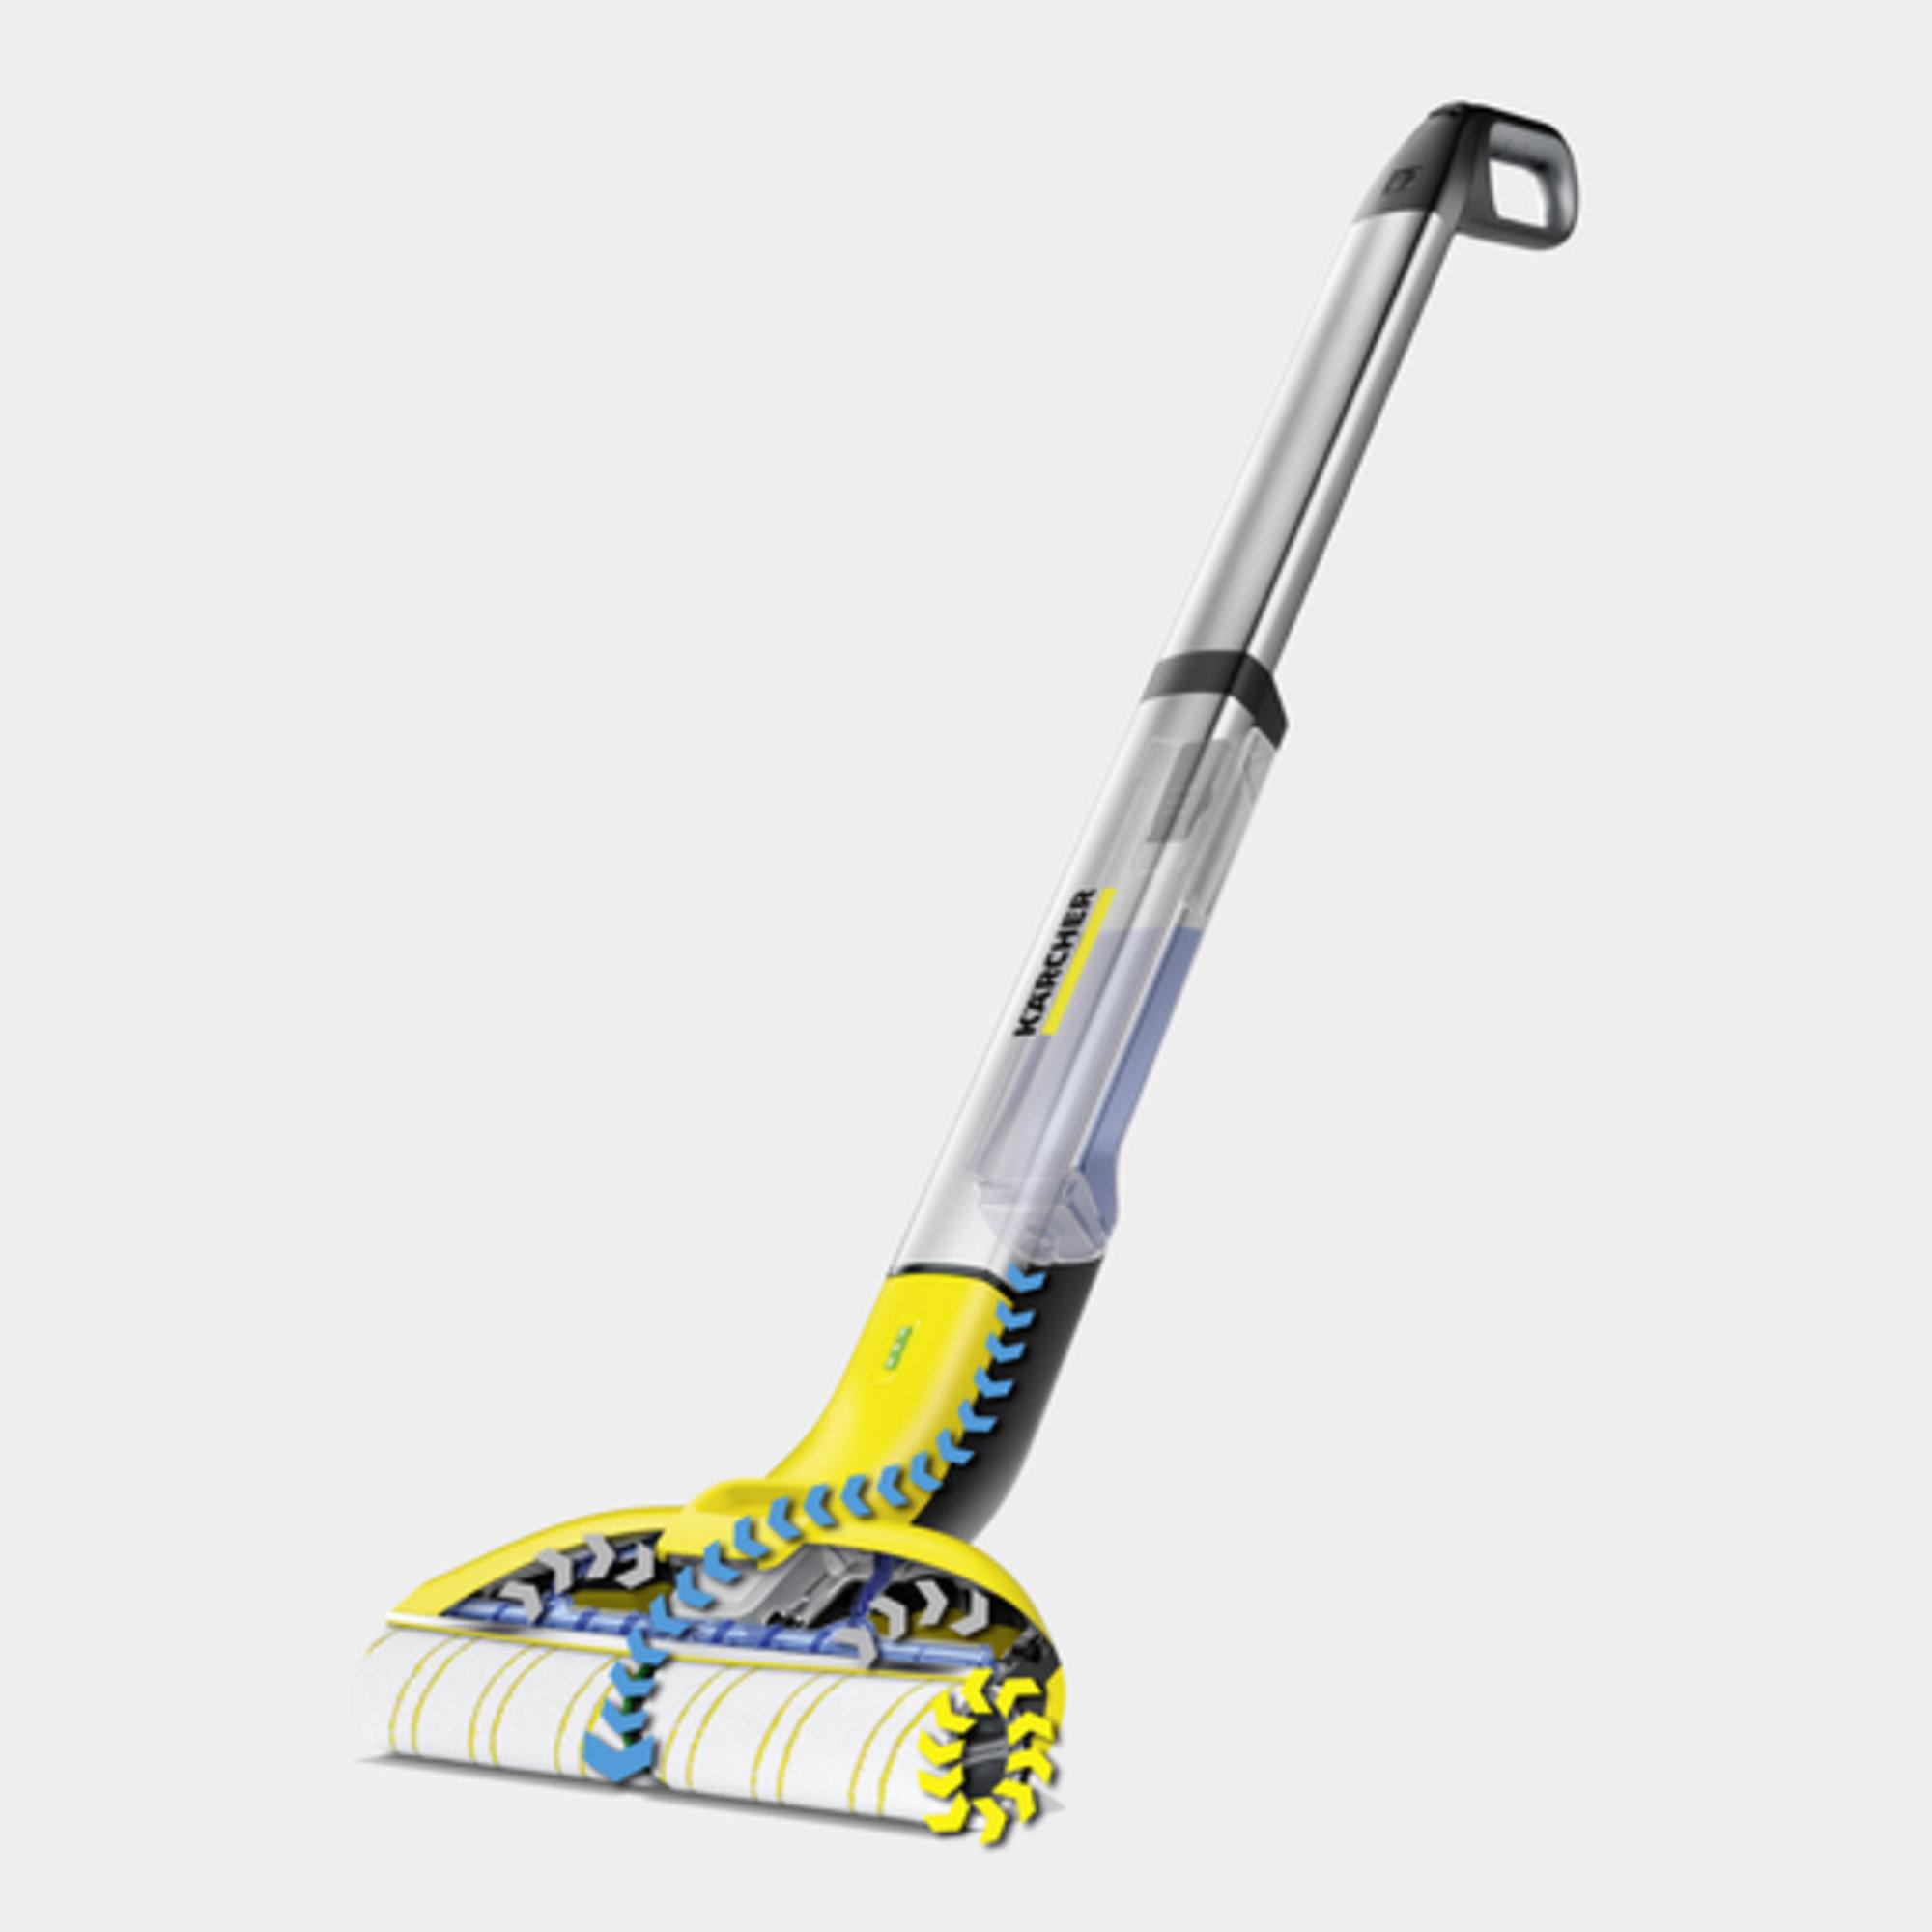 Электрошвабра FC 3 Cordless: На 20 %* чище и значительно комфортнее, чем при уборке шваброй